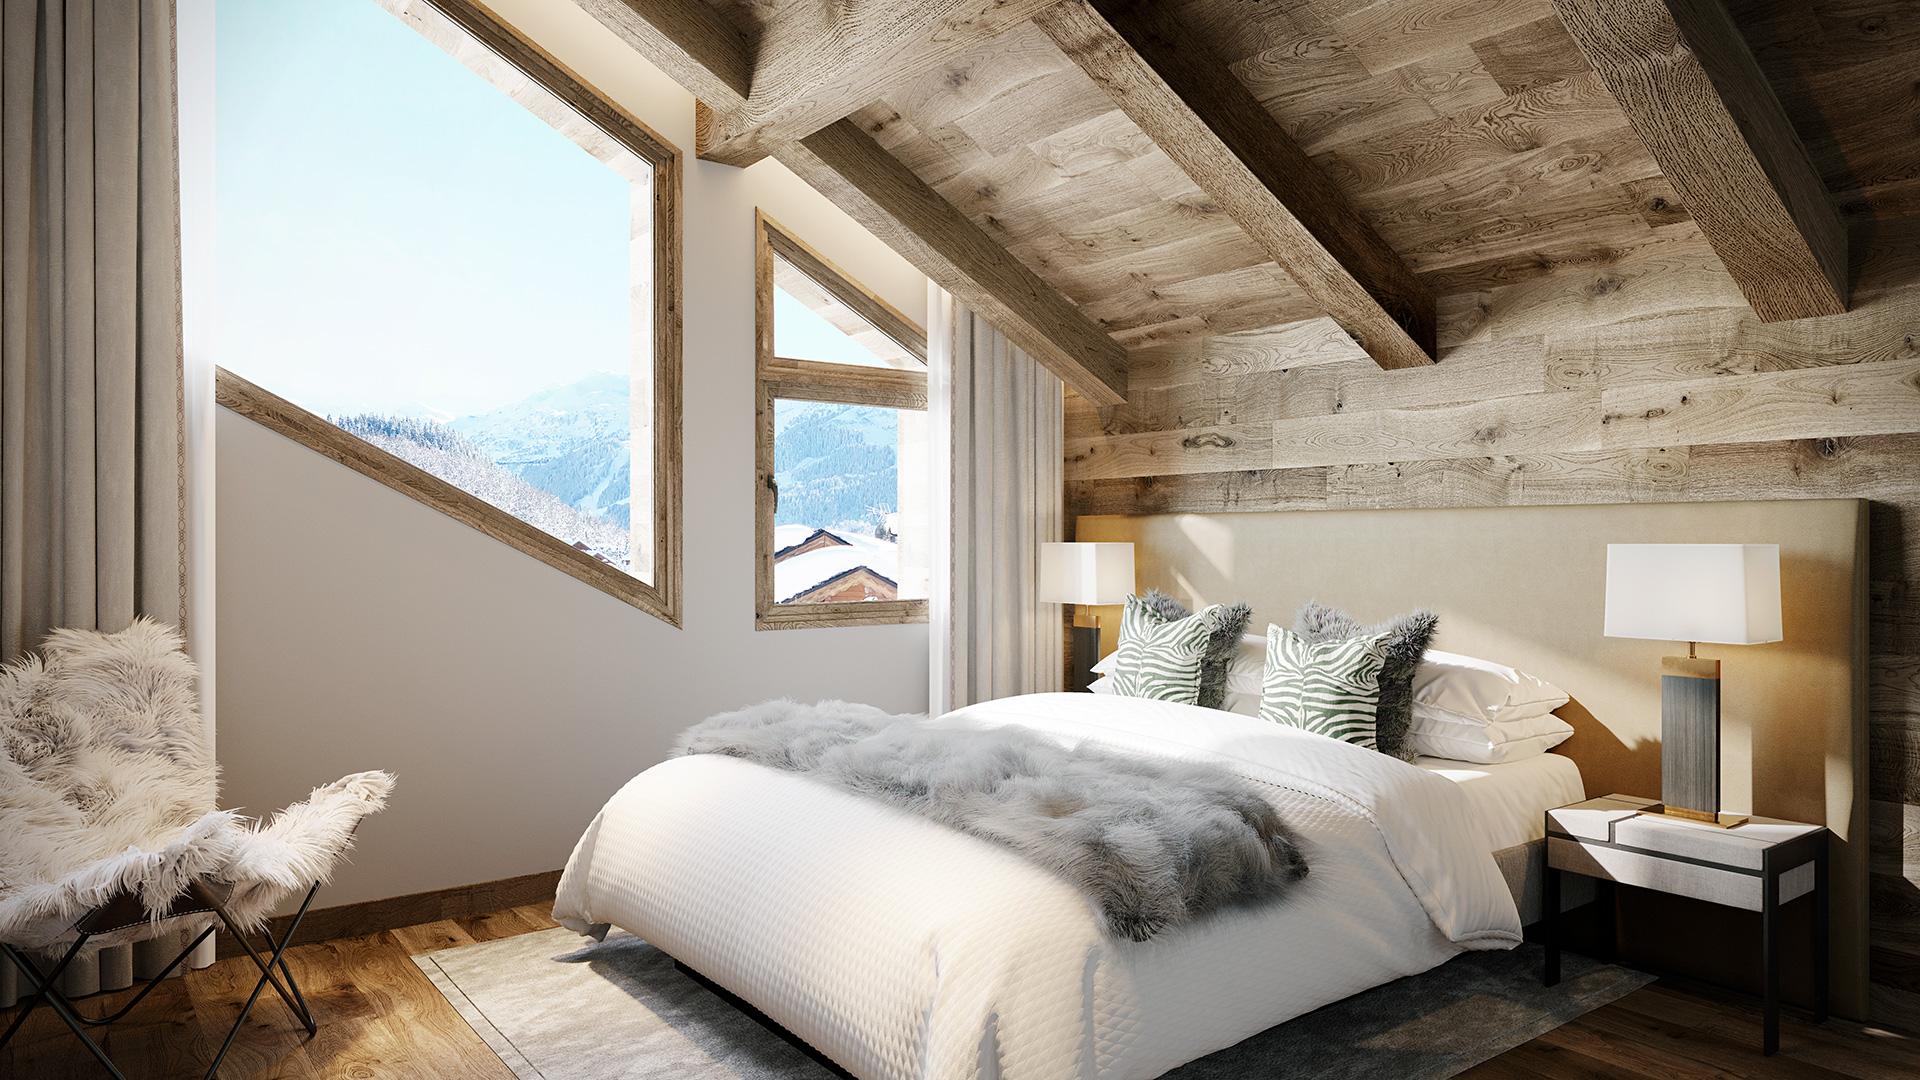 Le Flocon Apartments, France